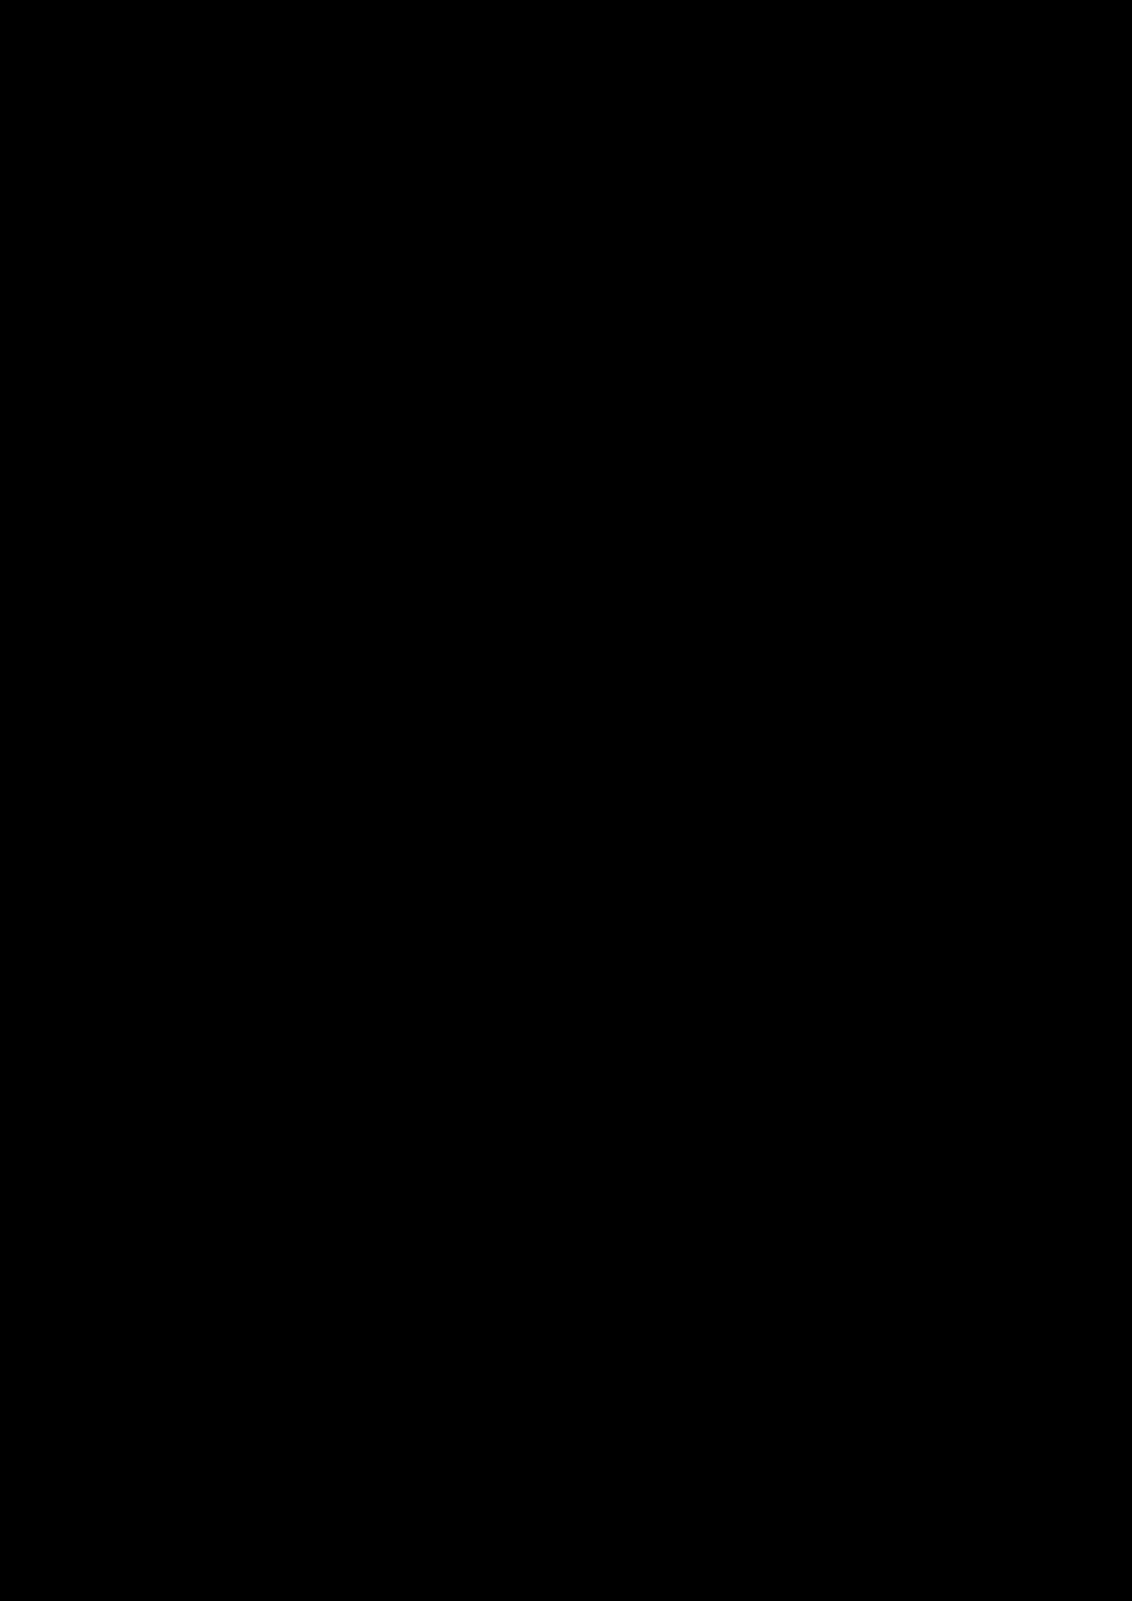 Zagadka volshebnoy stranyi slide, Image 164